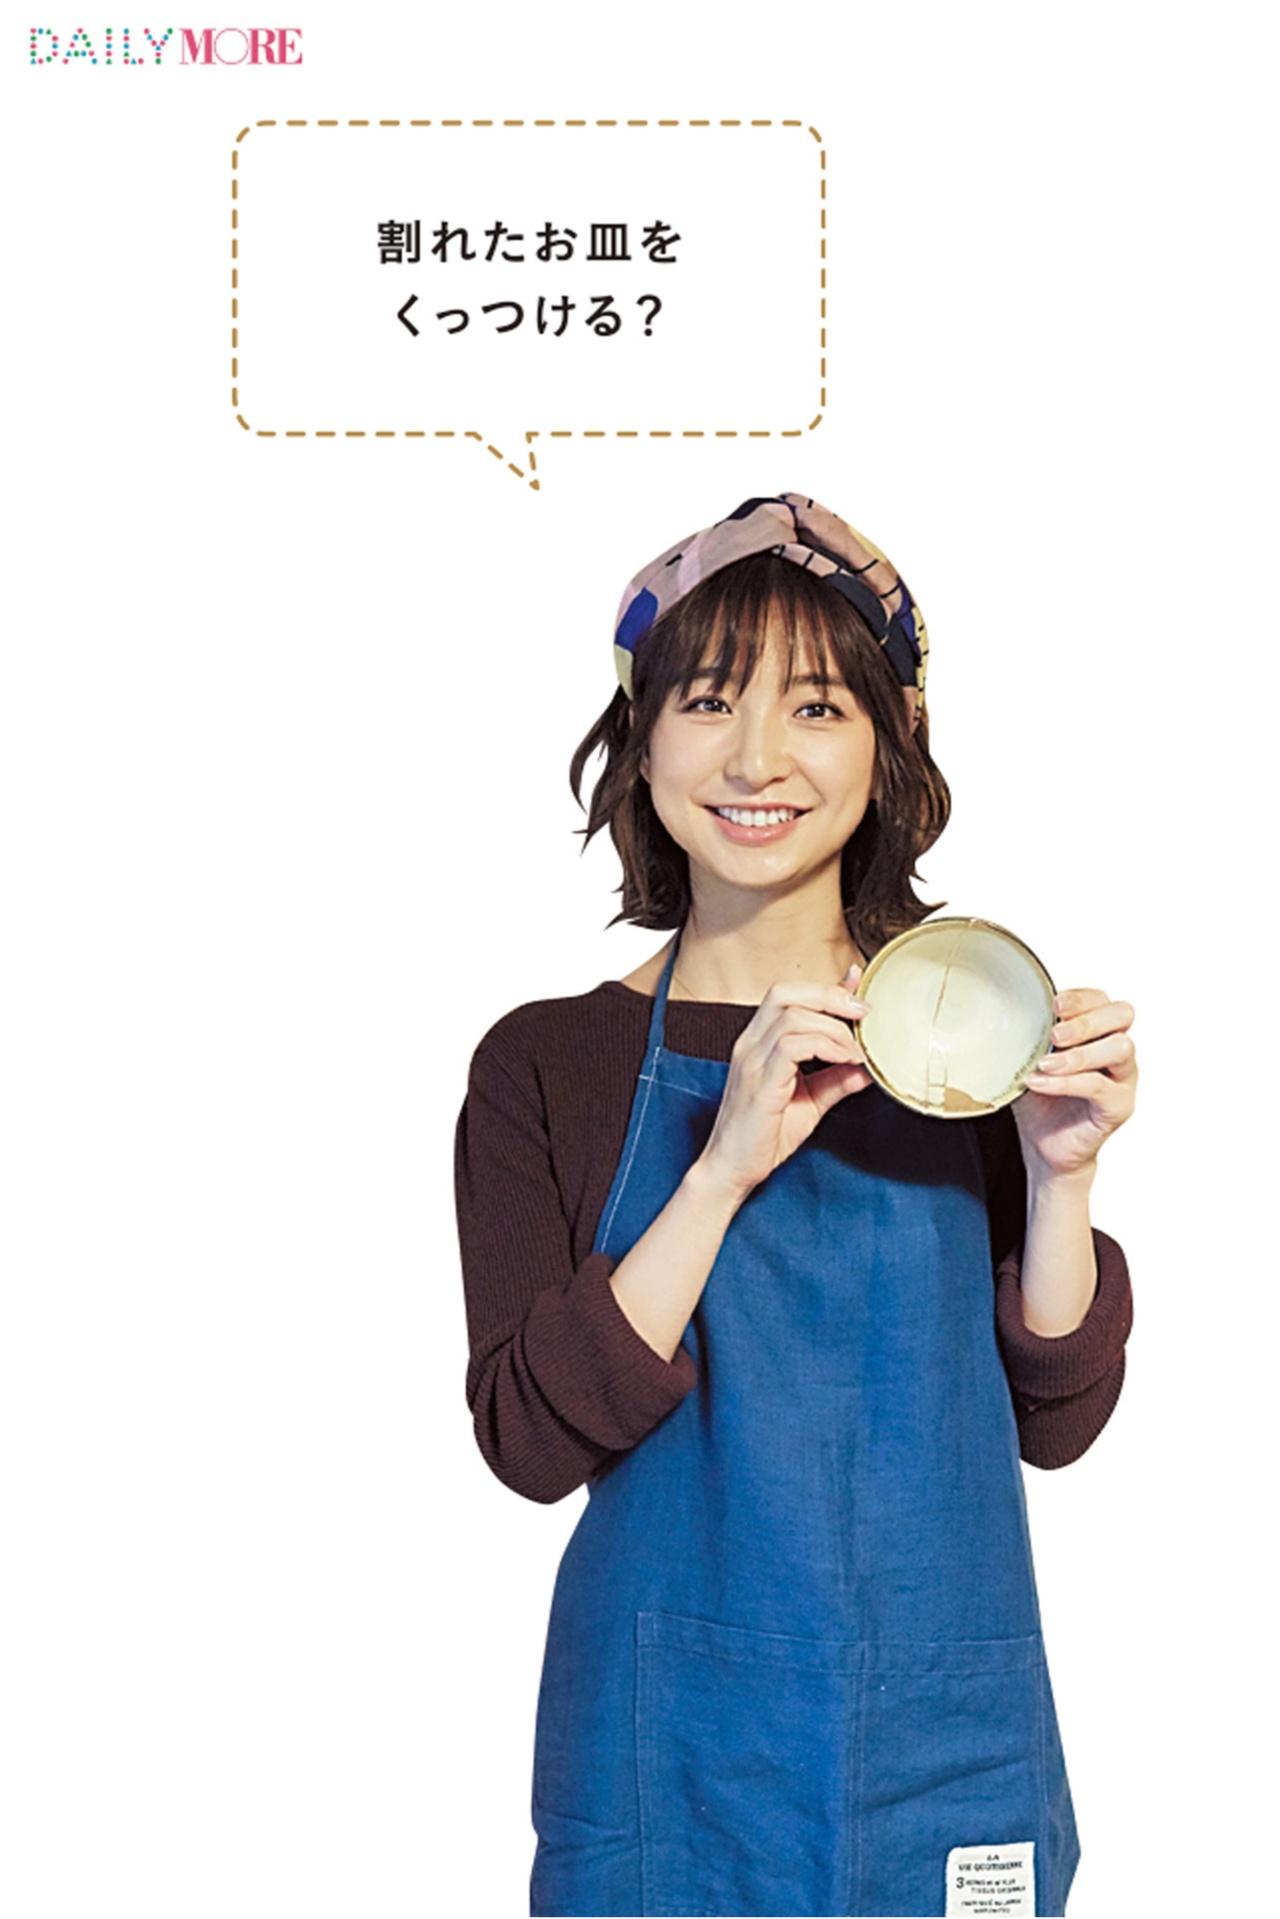 篠田麻里子が体験♡ 話題の「現代風金継ぎ体験」に行こう!【麻里子のナライゴトハジメ】_1